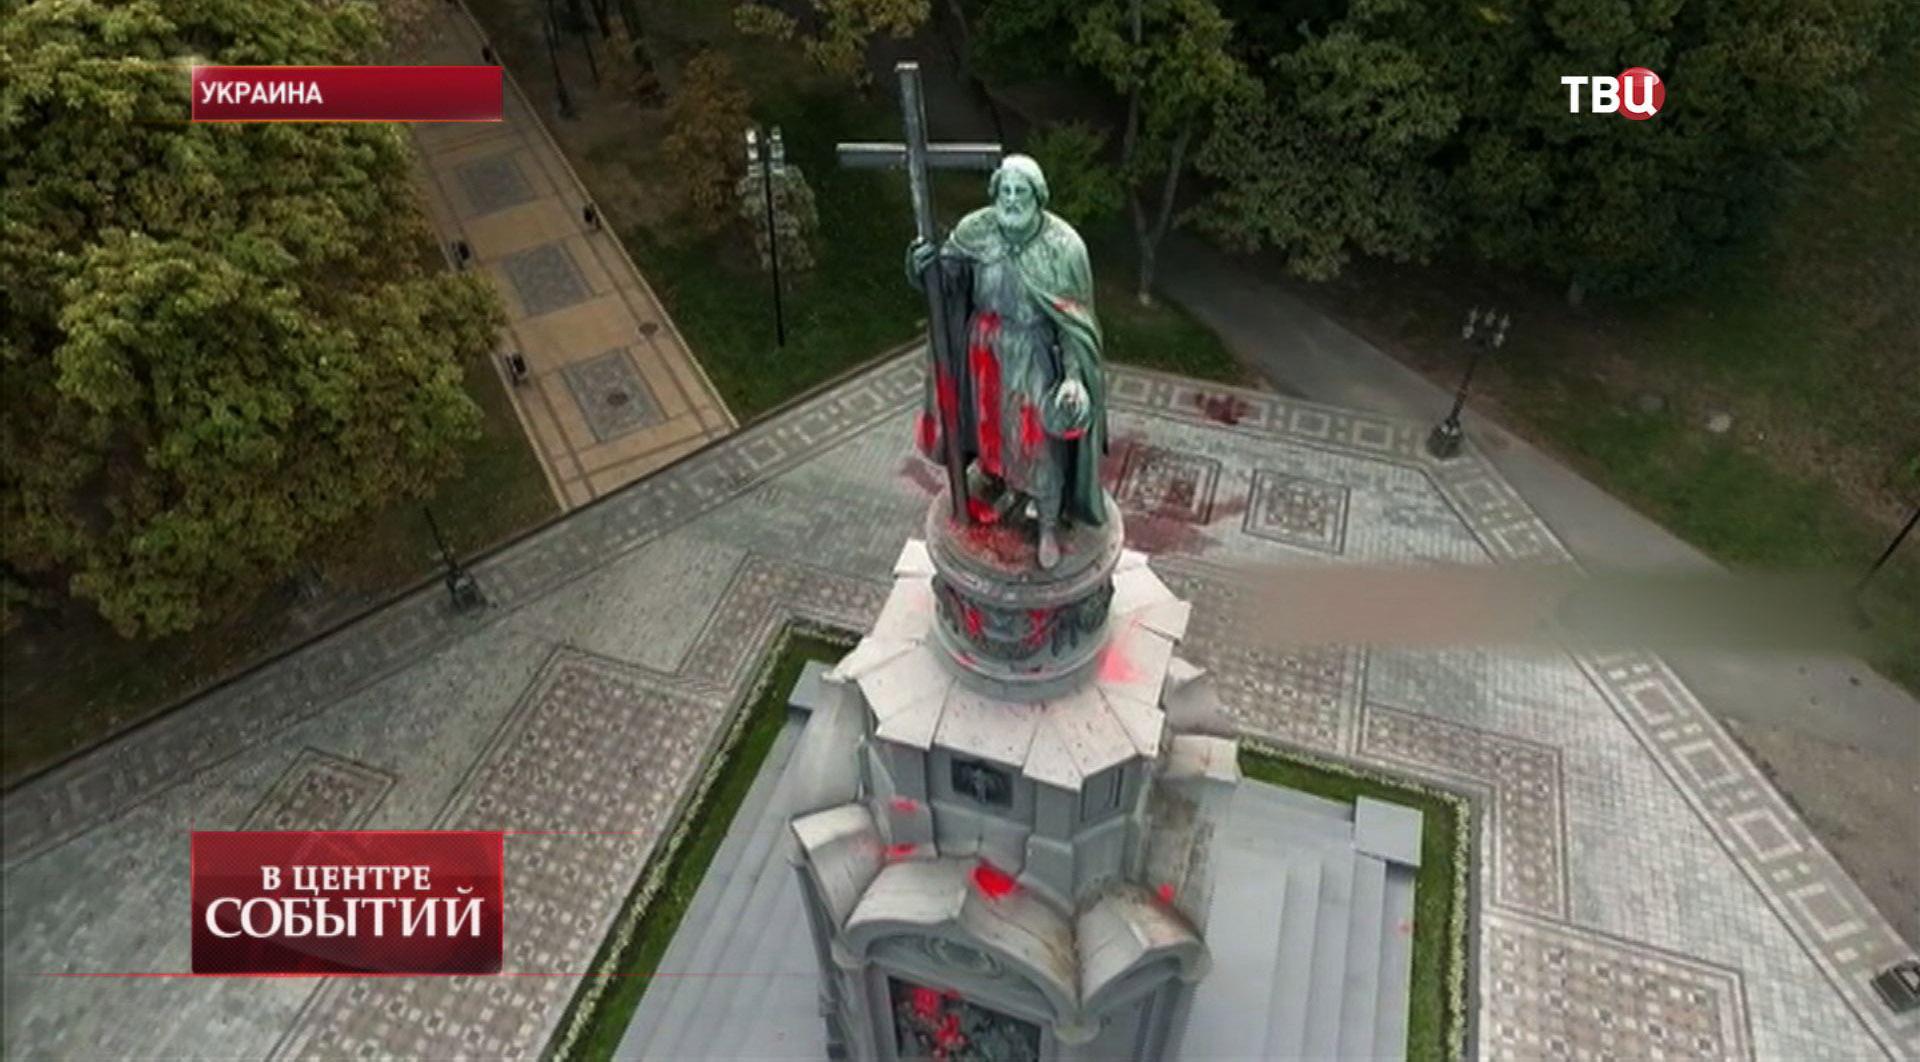 Памятник Владимиру Великому на Украине